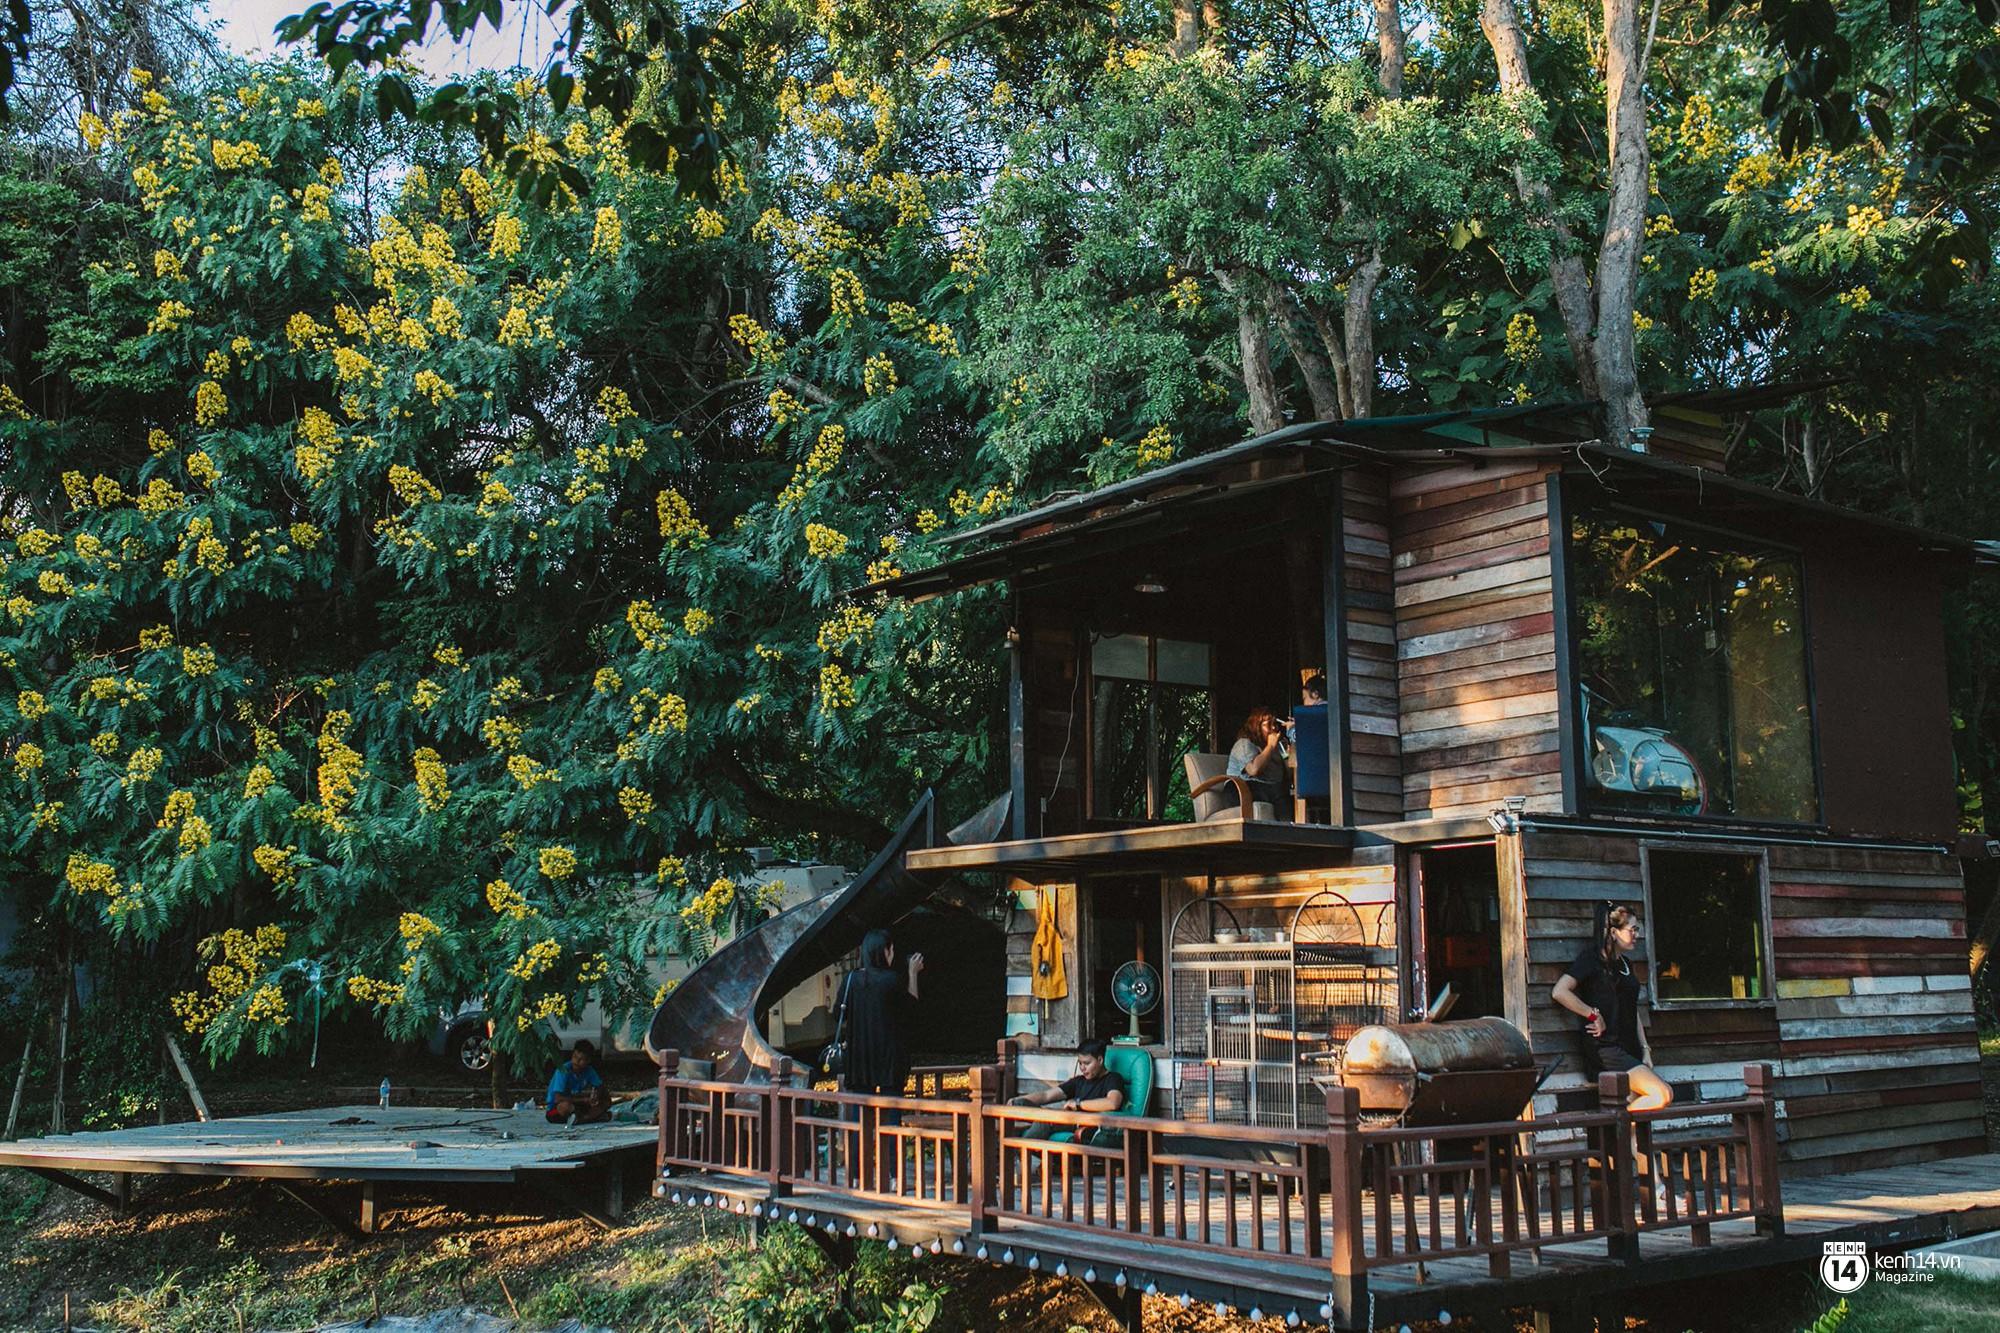 Tour du lịch Chiang Mai THái Lan 4 ngày 3 đêm giá rẻ - Vietmountain Travel 3